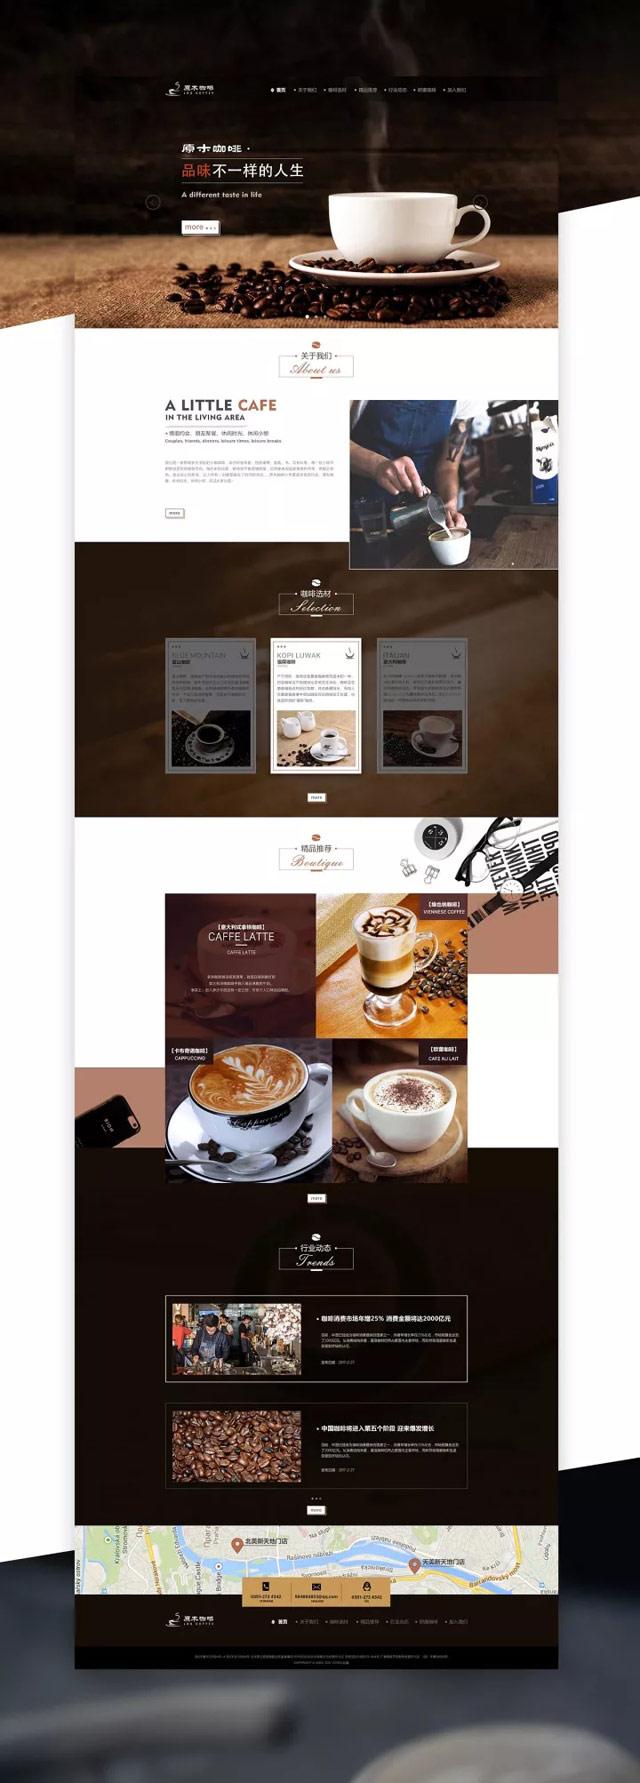 咖啡网站首页版块划分